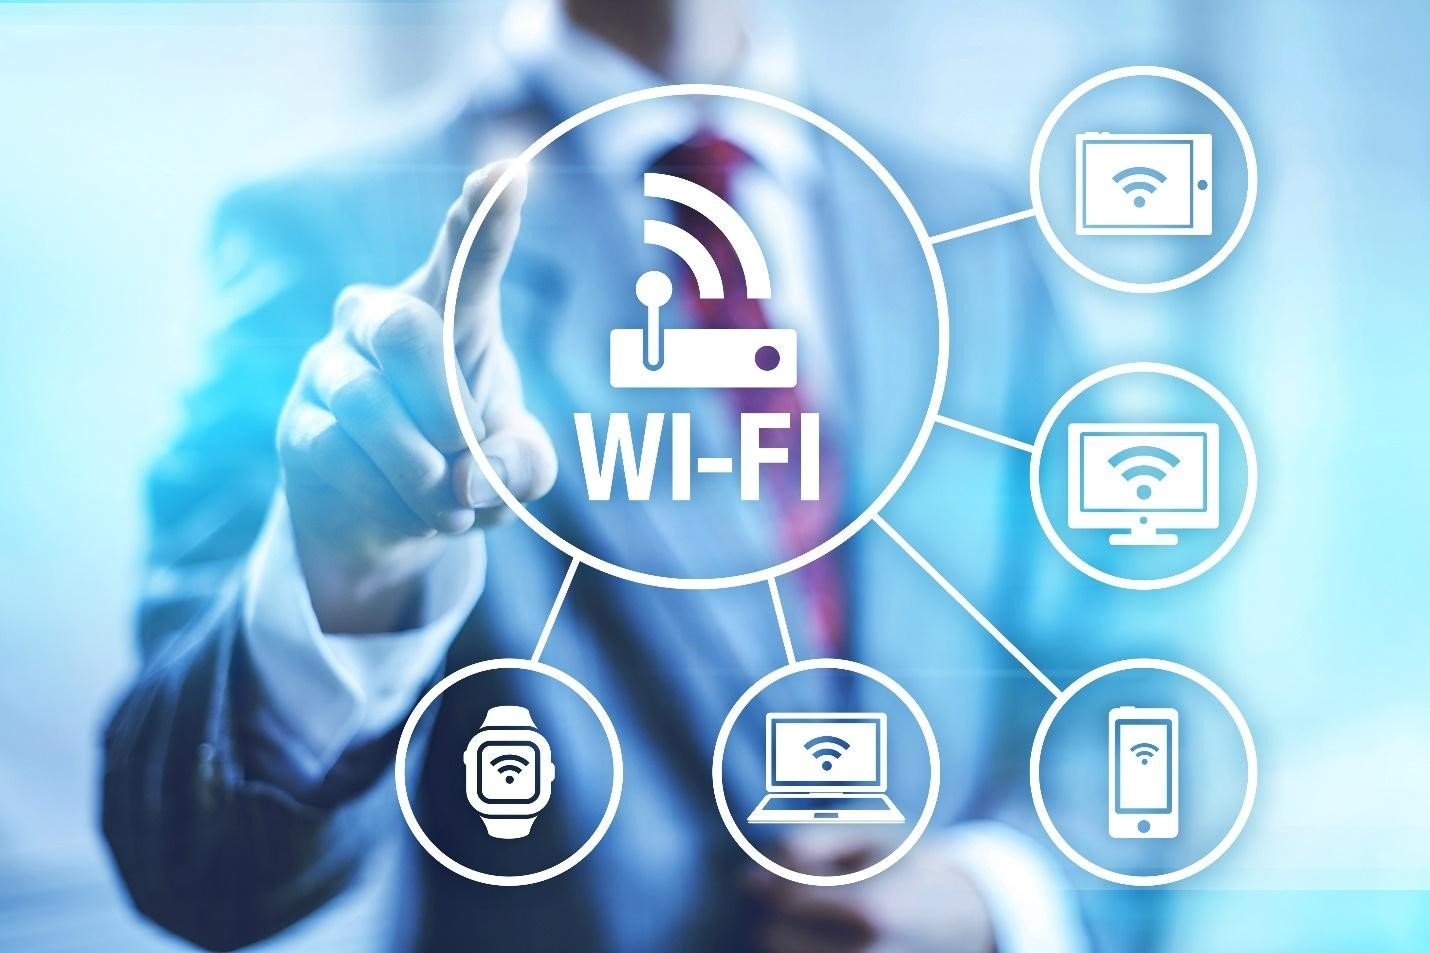 Лучший способ для автоматического подключения гостей к сети Wi-Fi